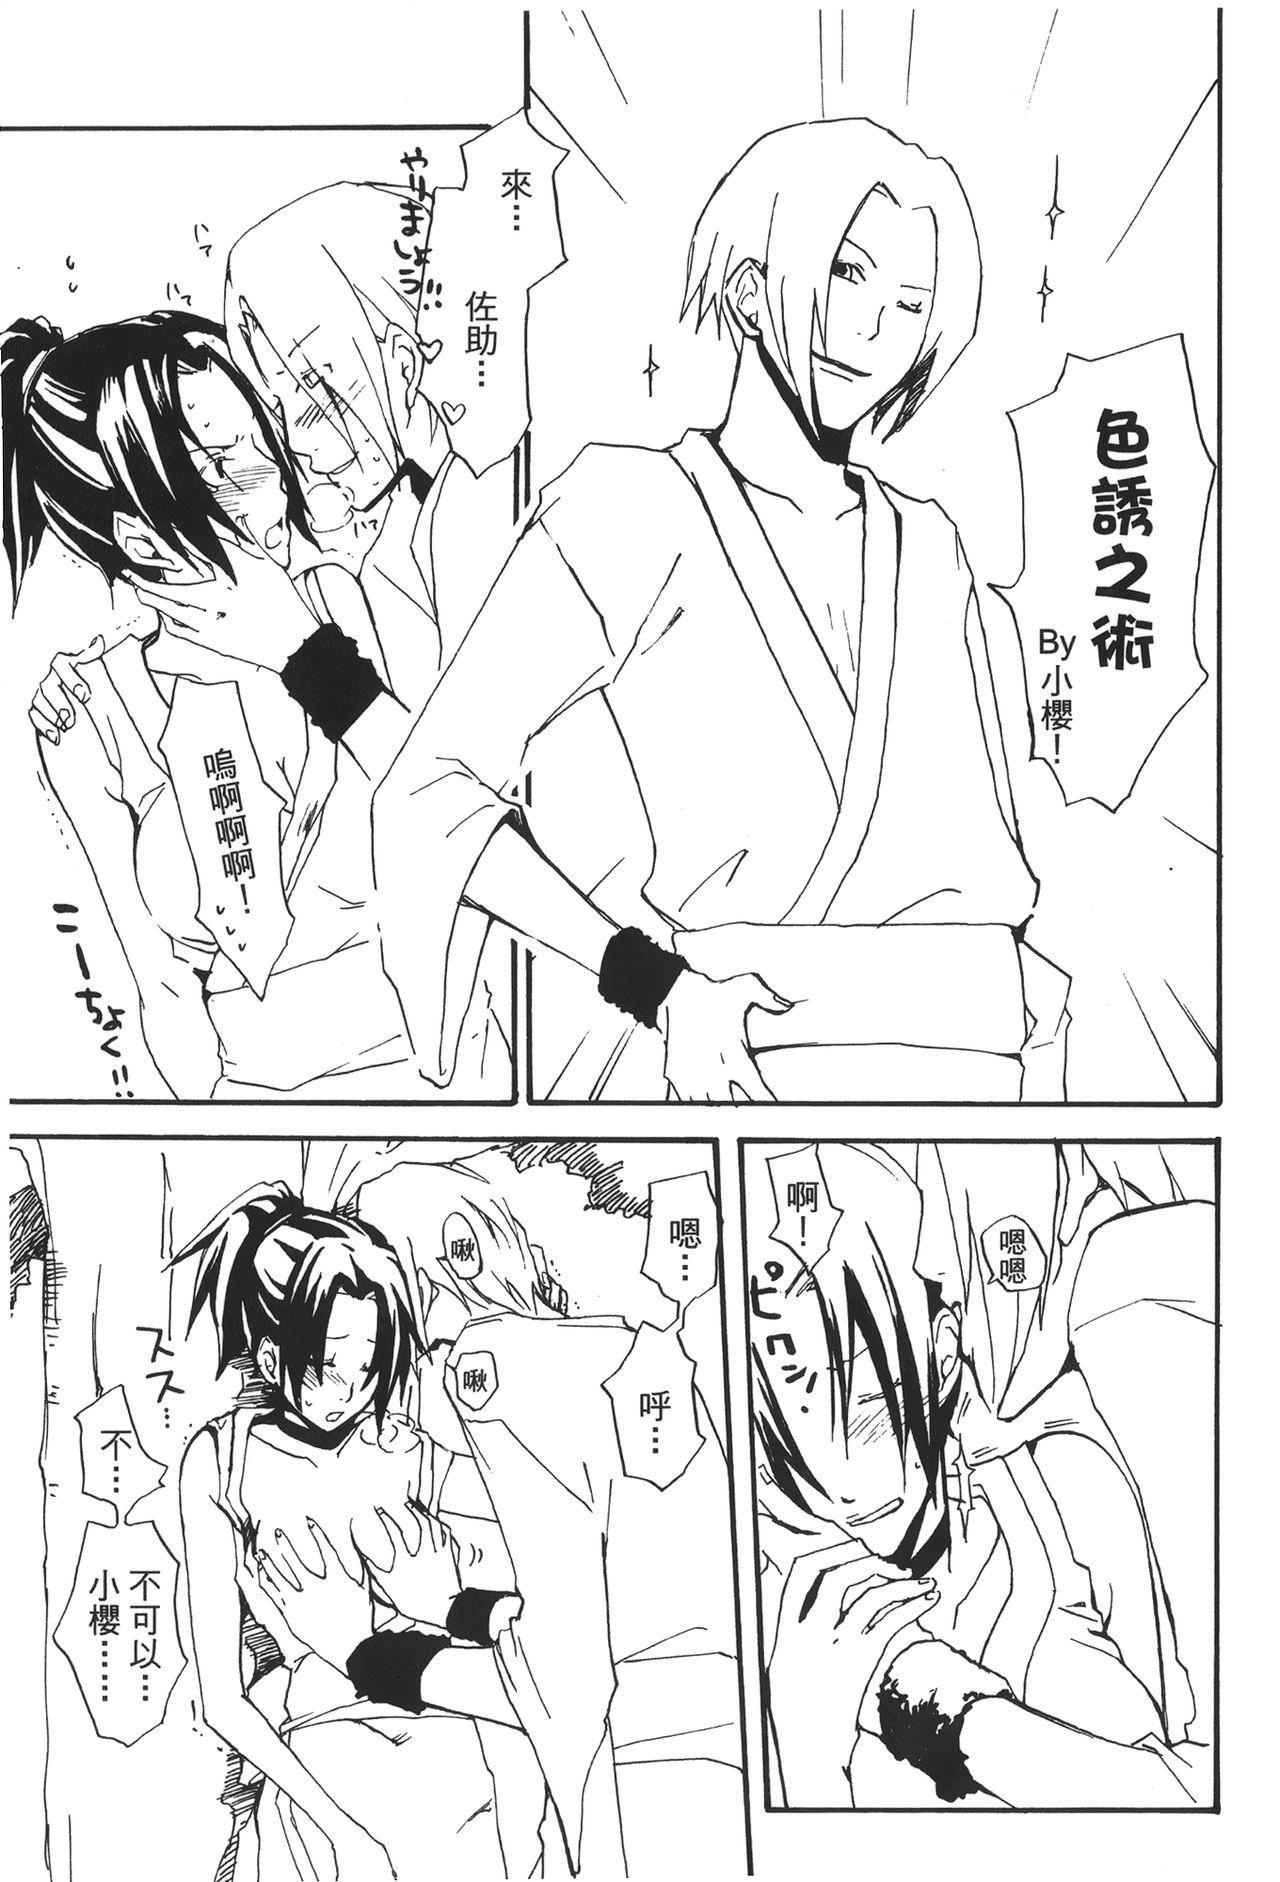 naruto ninja biography vol.02 71